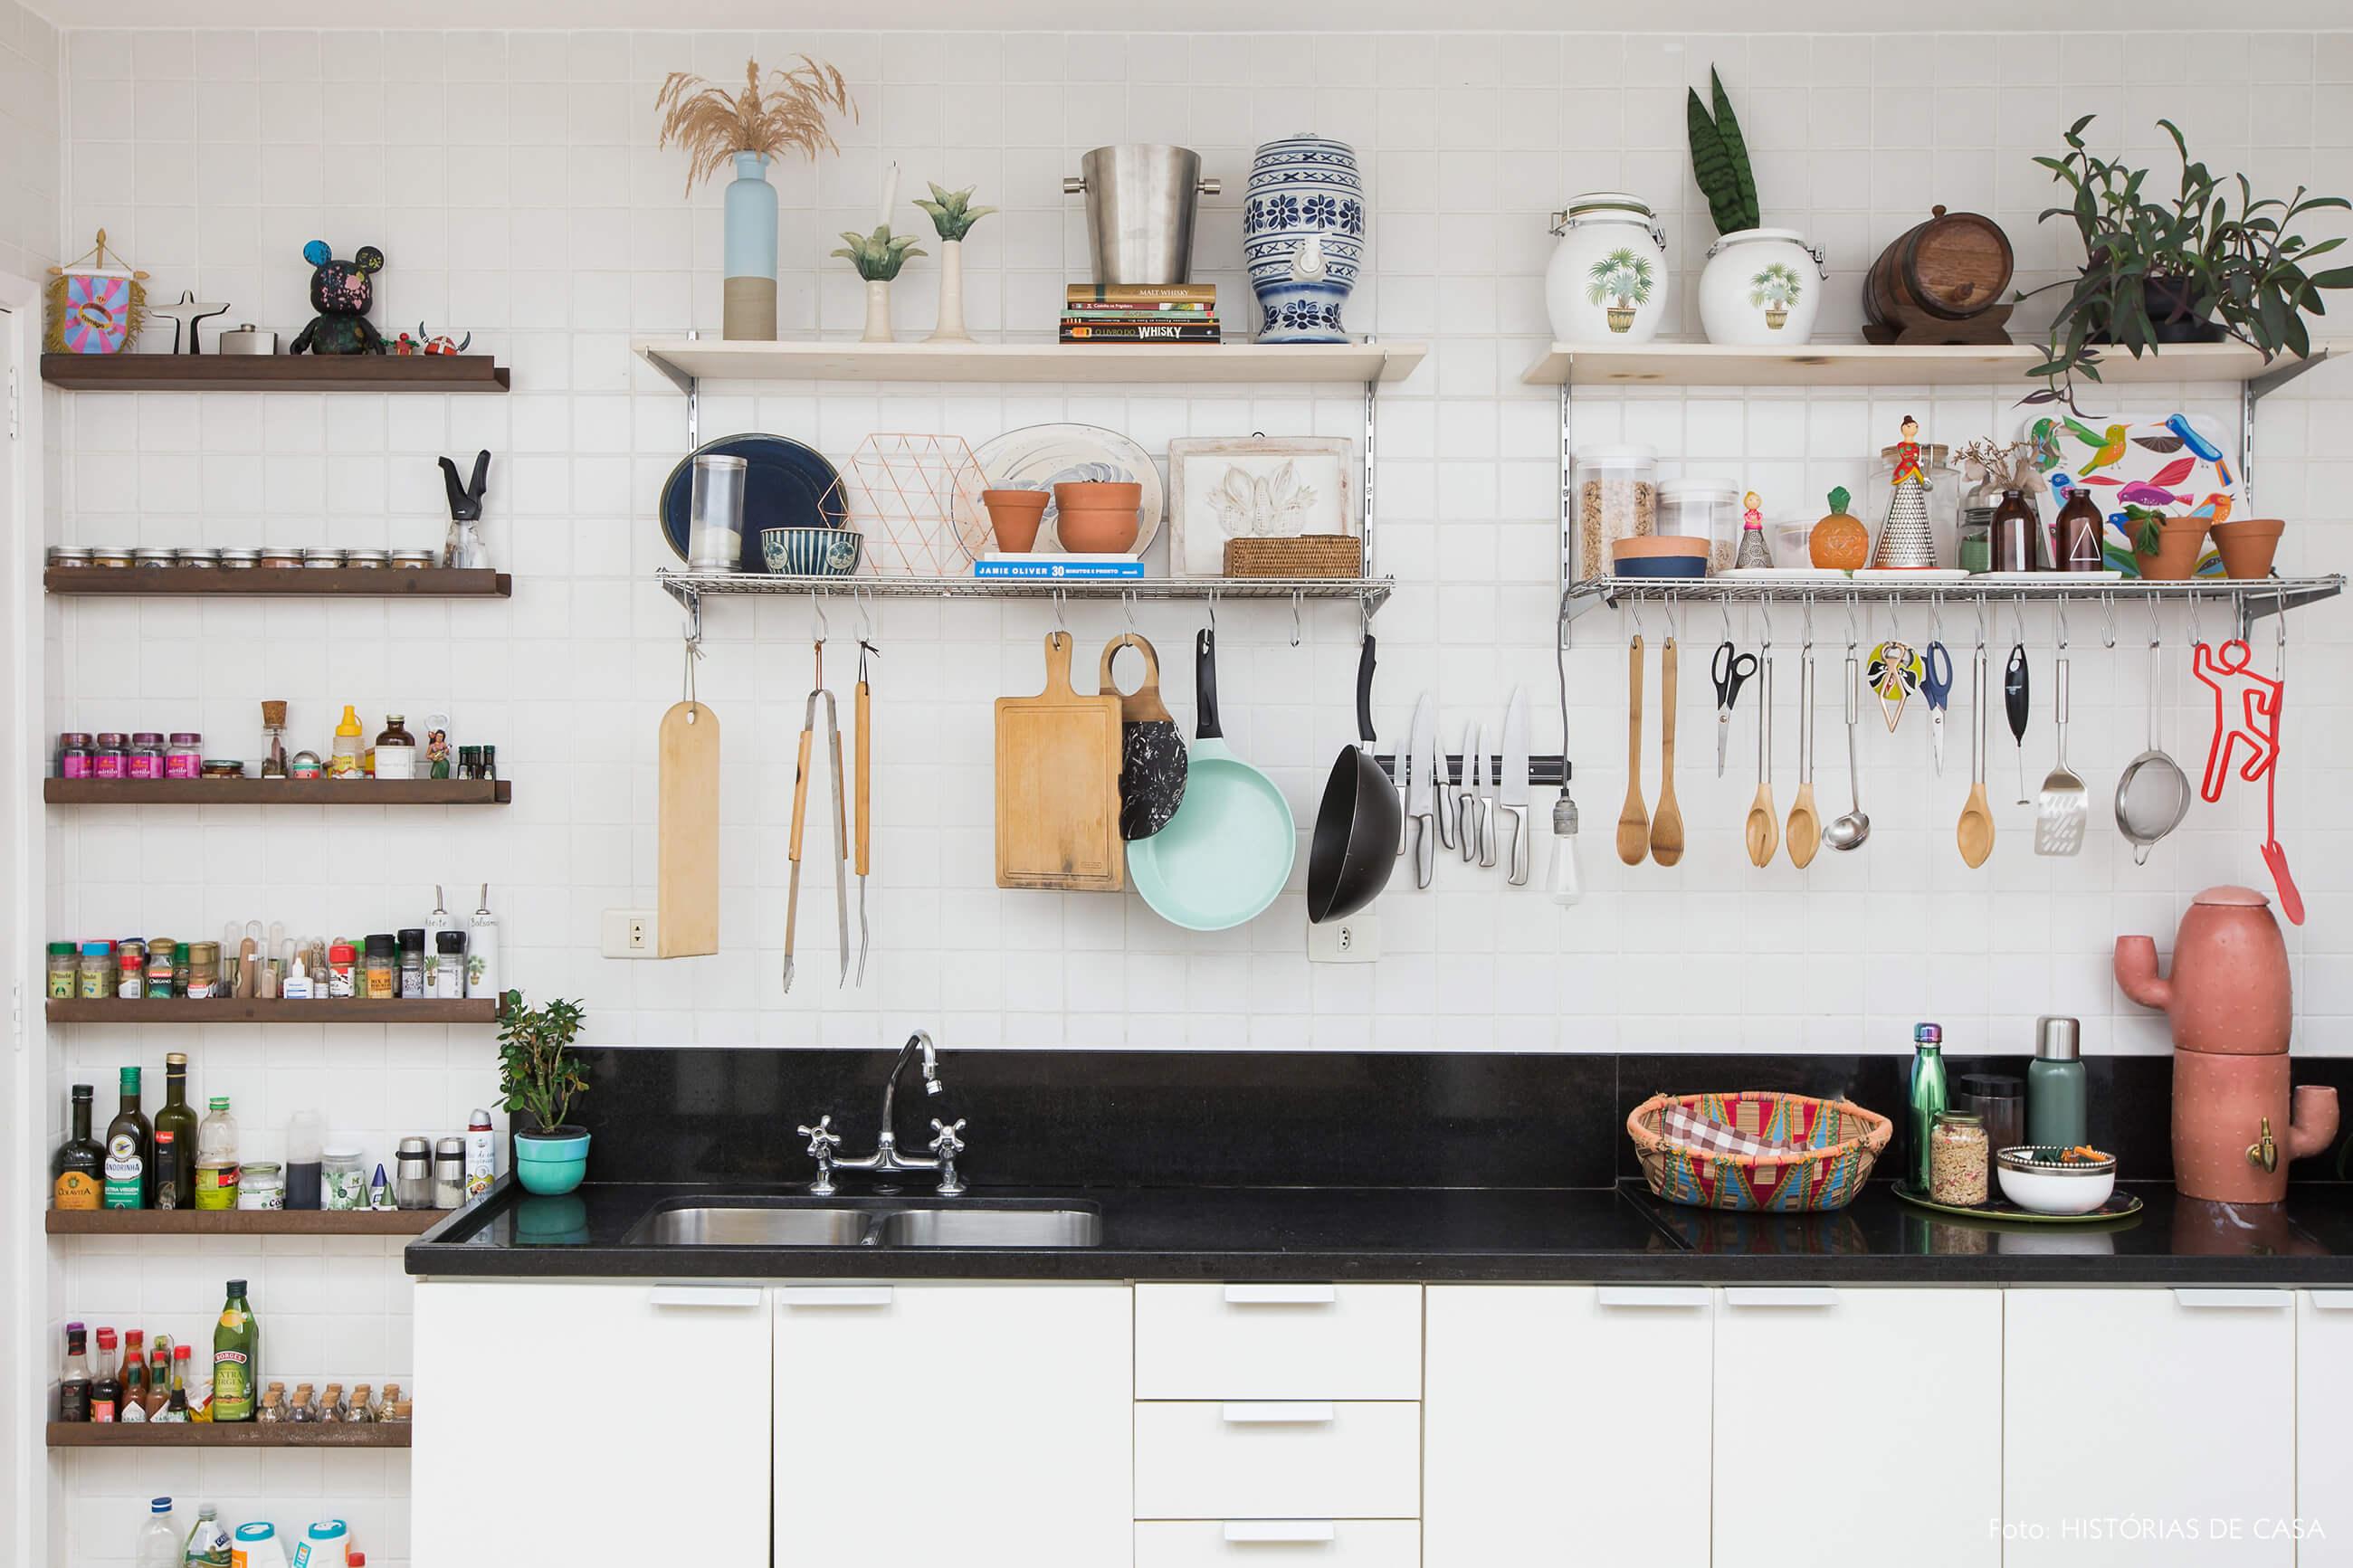 Cozinha com azulejos simples e prateleiras aramadas sobre a pia